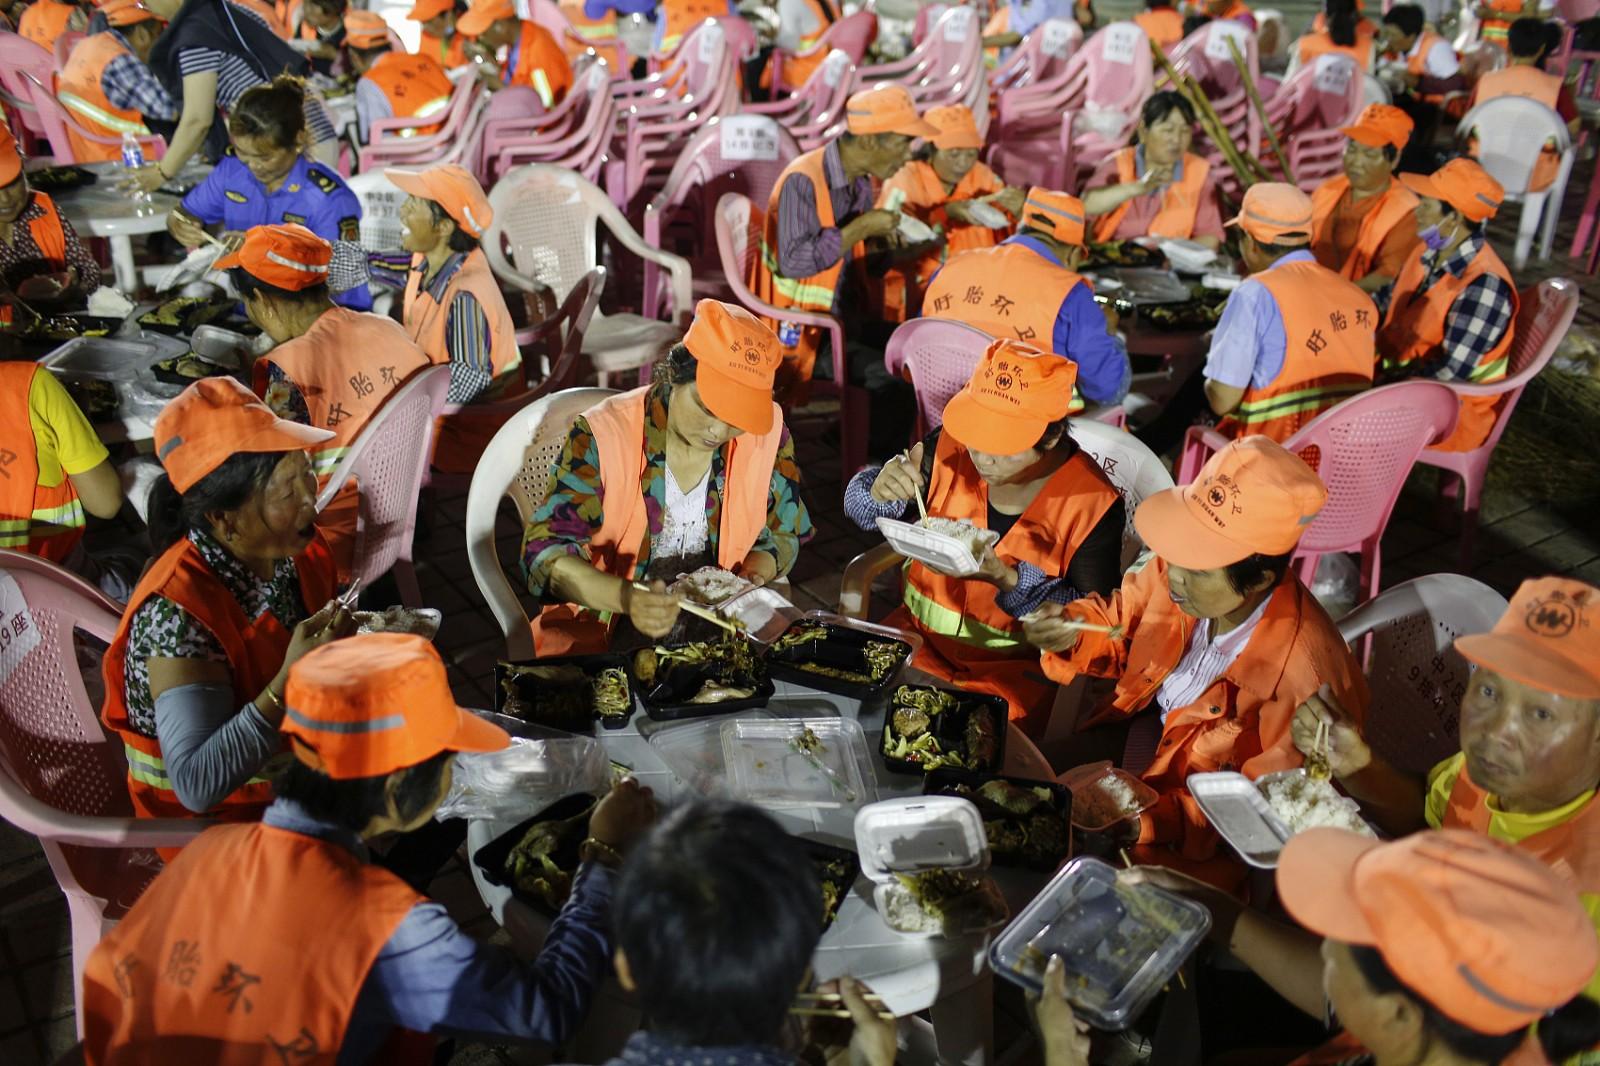 2018年6月14日凌晨,在江苏省盱眙县都梁公园龙虾广场,环卫工人在吃夜餐。